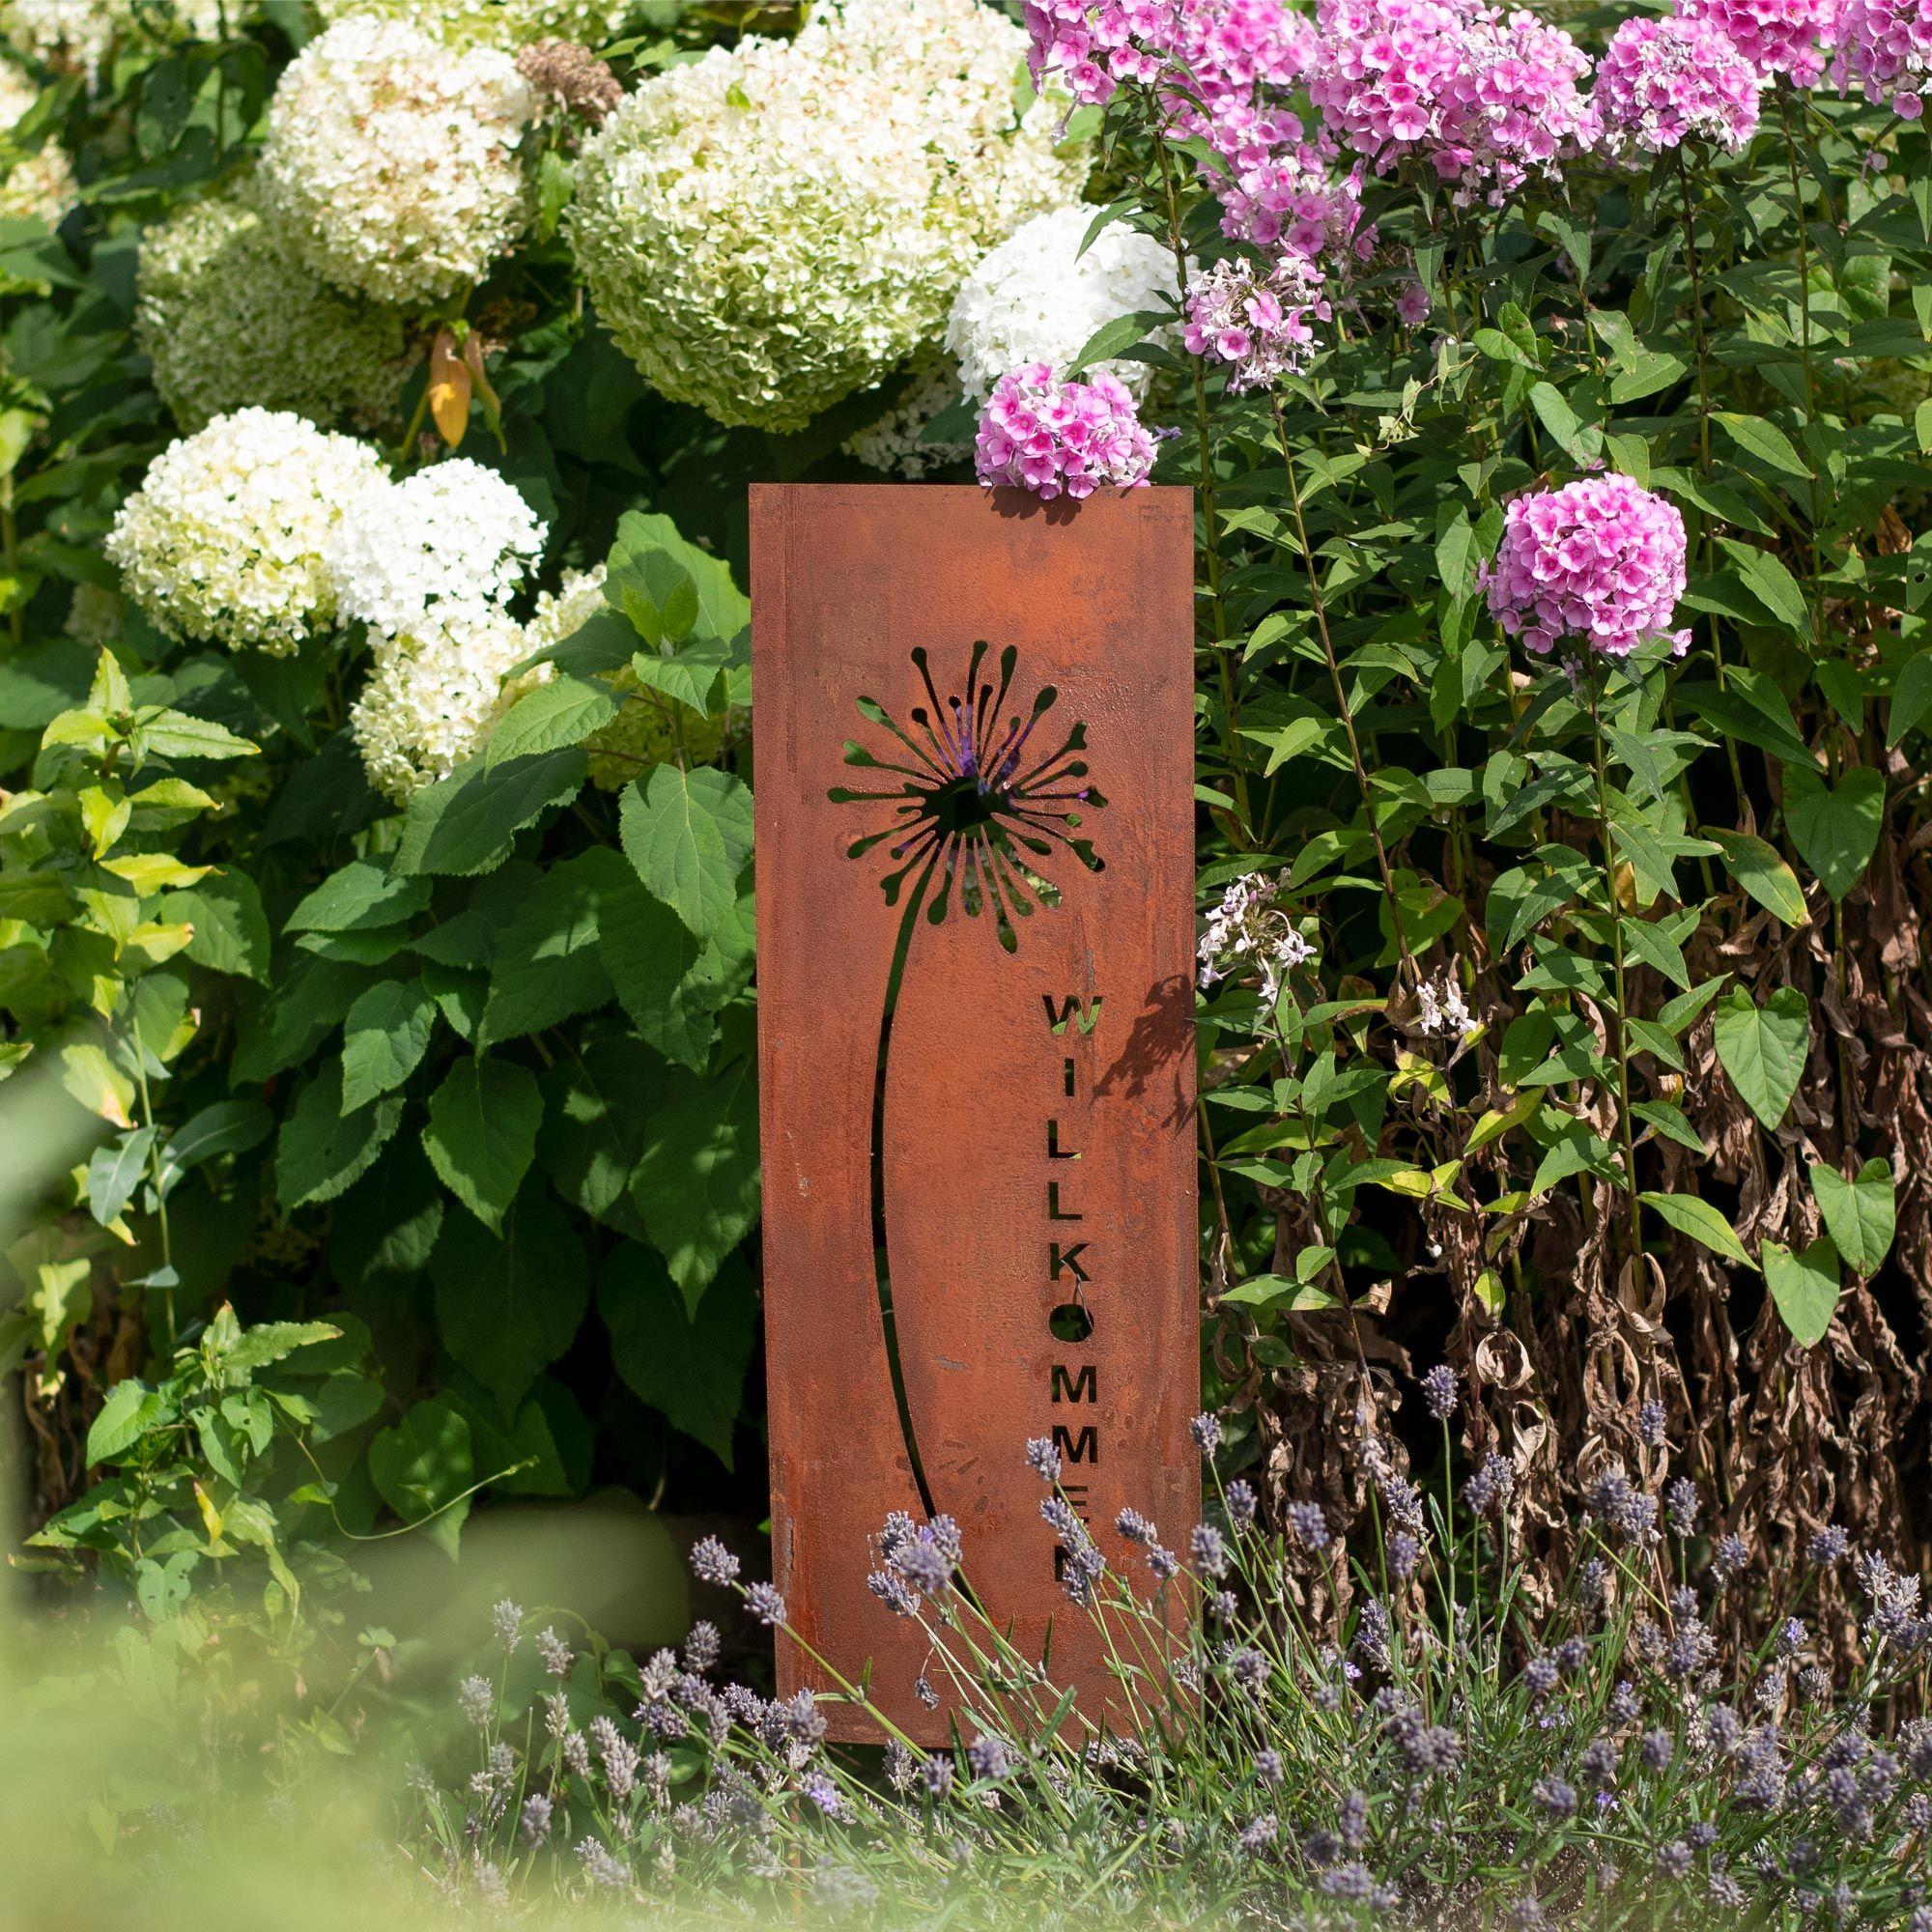 Gartendeko Gartenstecker Aus Edelrost Metall Schild Pusteblume 133 Cm Für Garten Terrasse Balkon Garten Deko Gartenstecker Edelrost